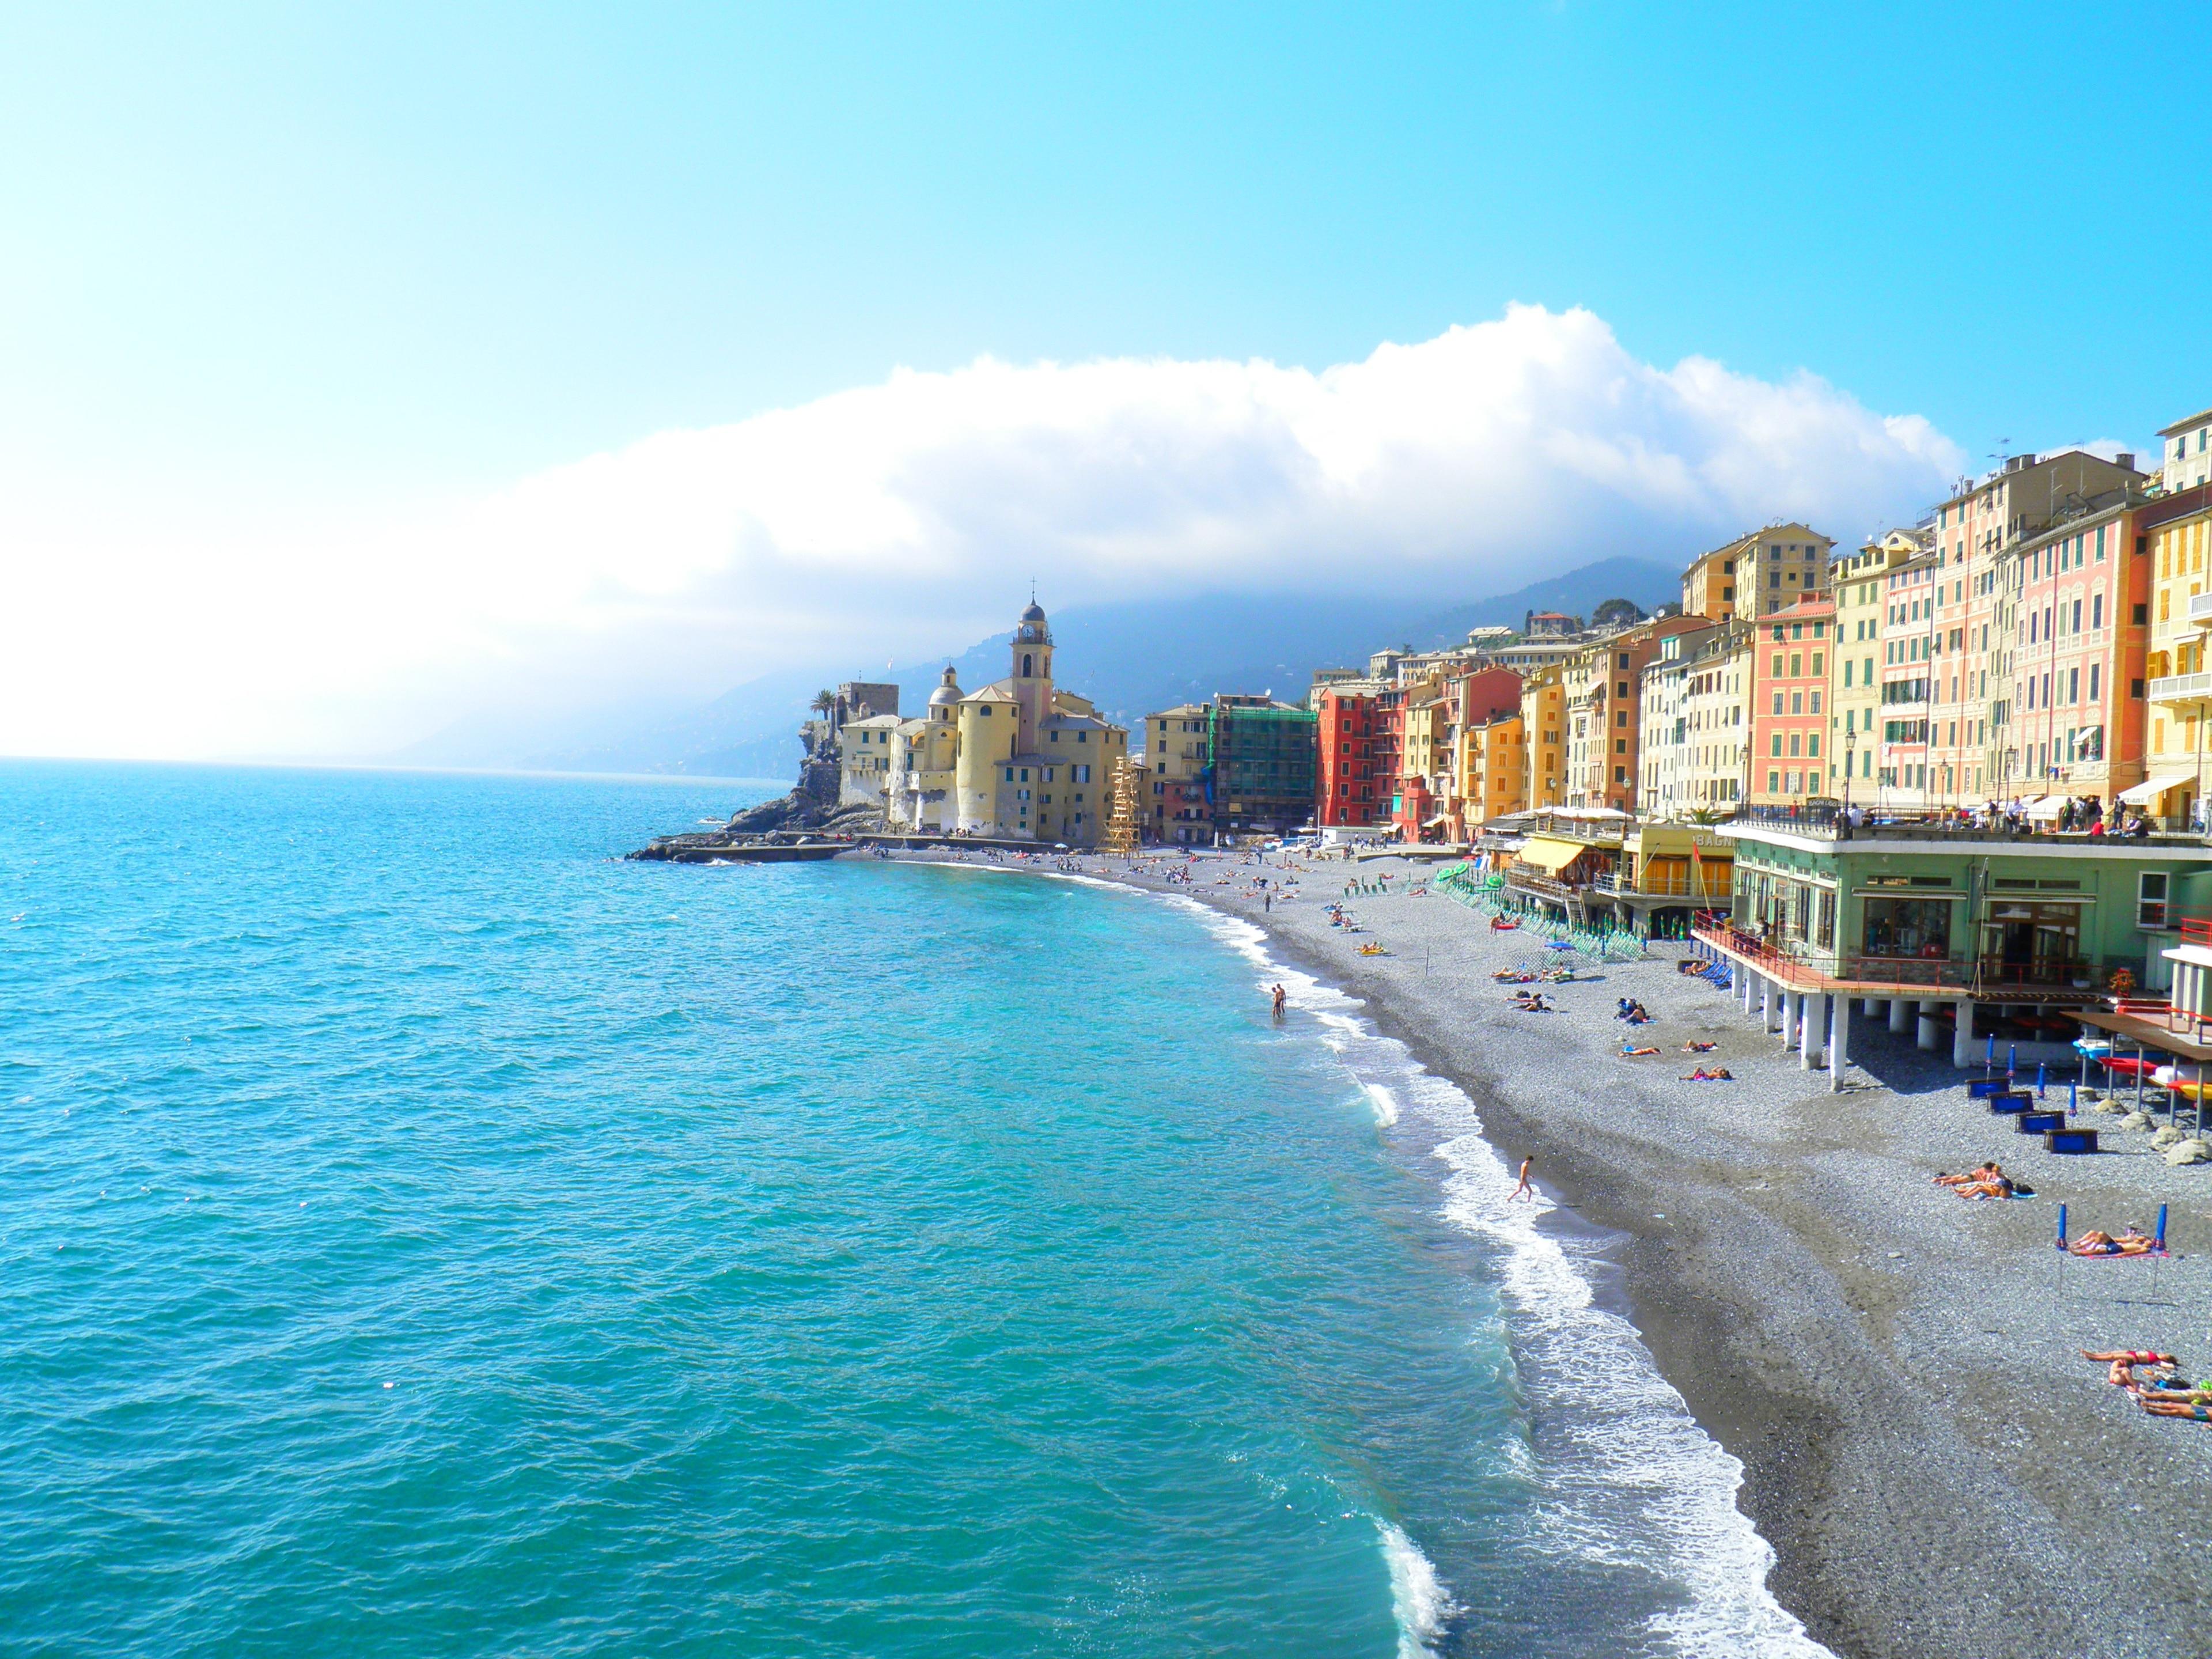 Strand van Camogli, Camogli, Ligurië, Italië